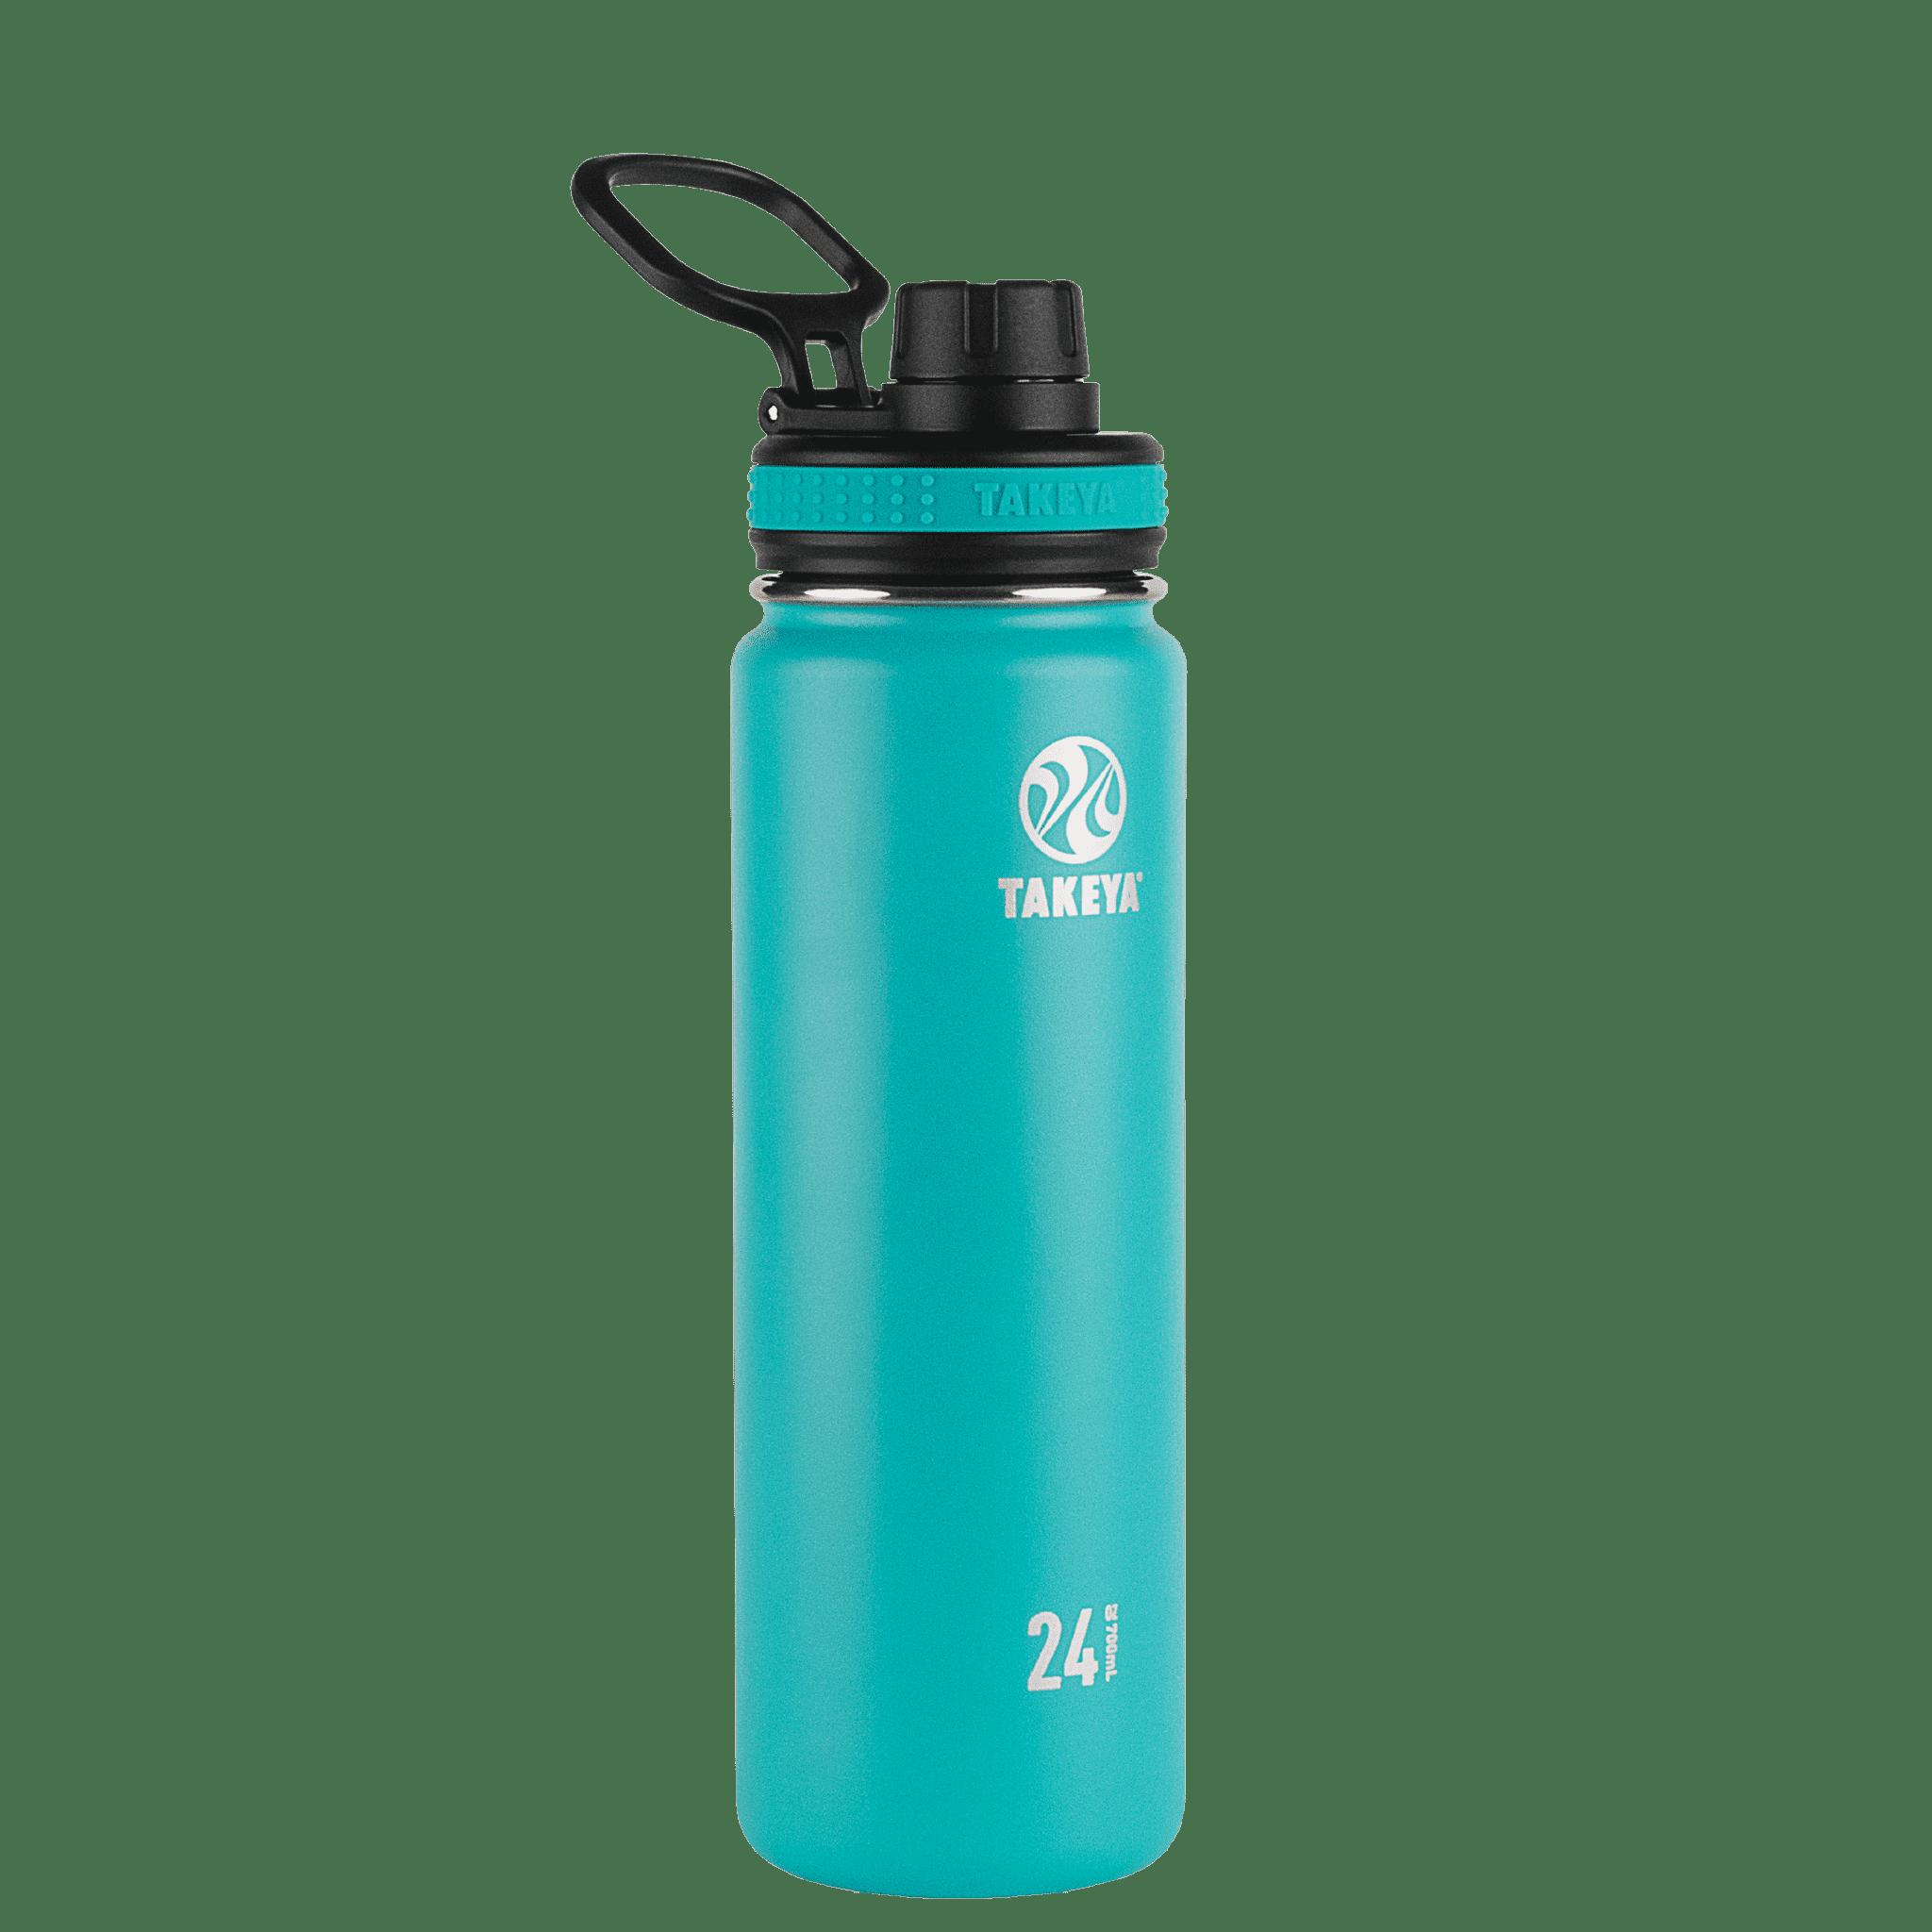 Takeya Originals Stainless Steel Water Bottle w/Spout lid, 24oz Ocean